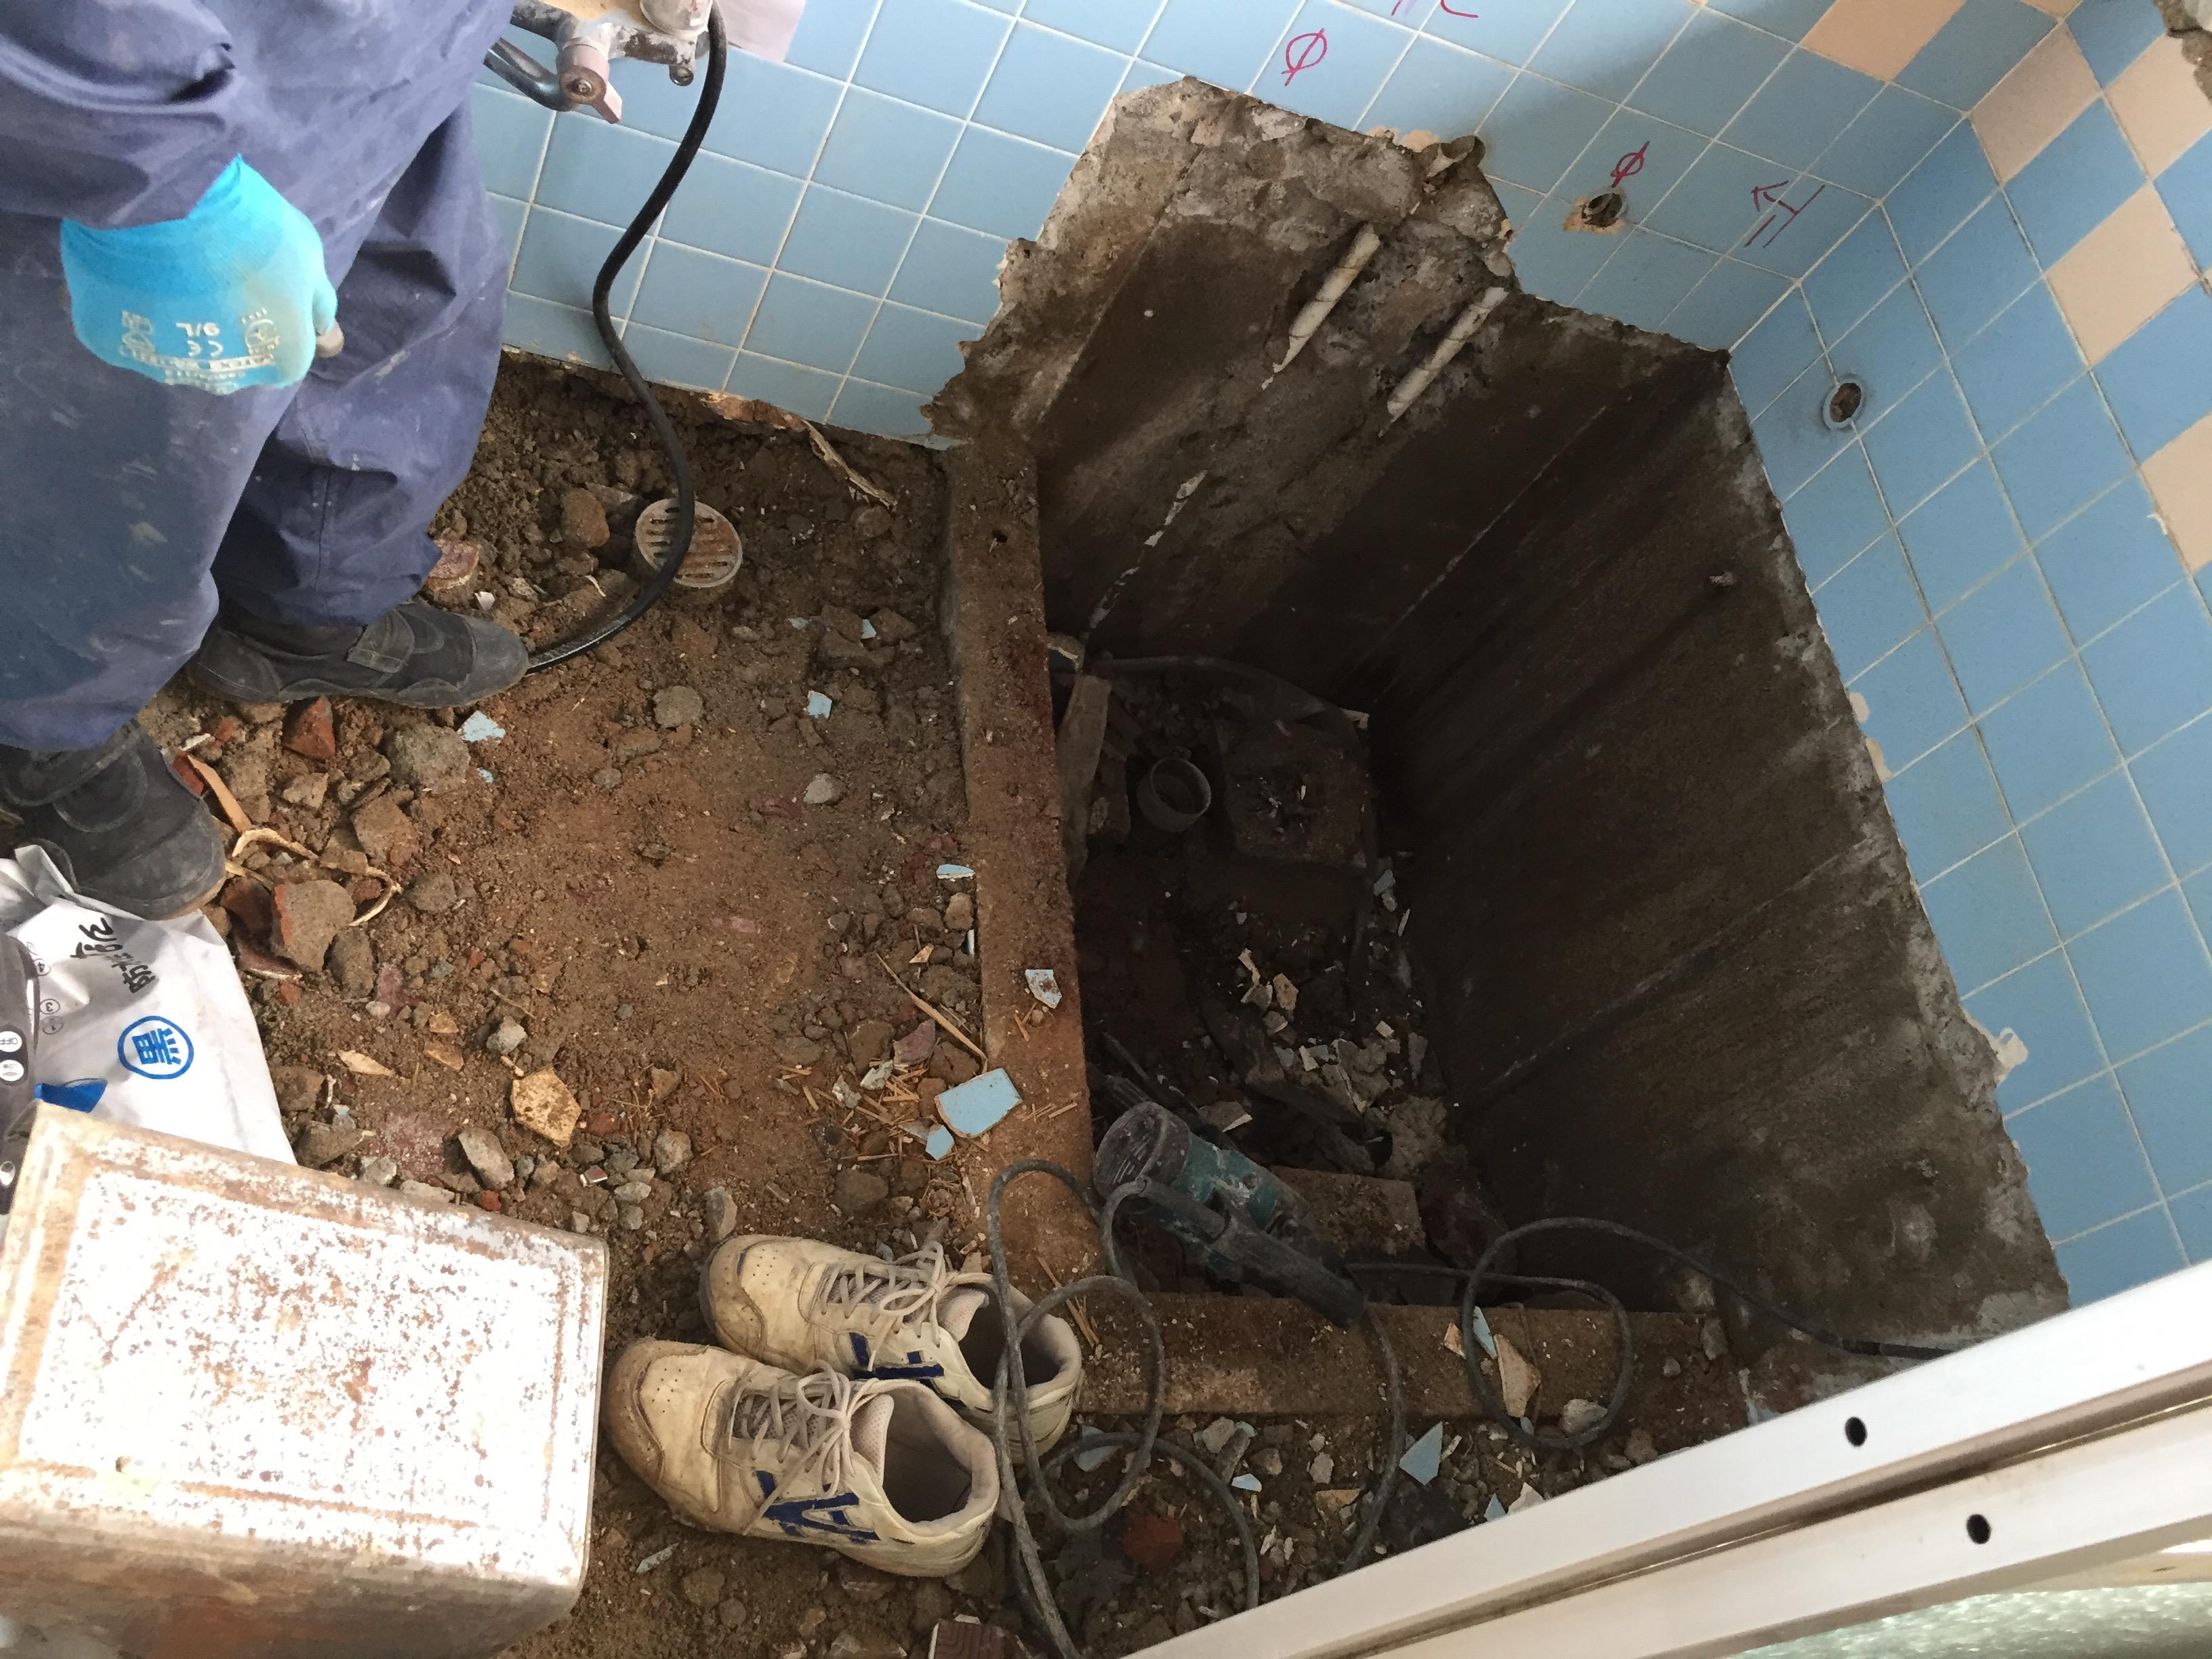 西条市 タイル貼り浴室からユニットバスへリフォーム 施工中